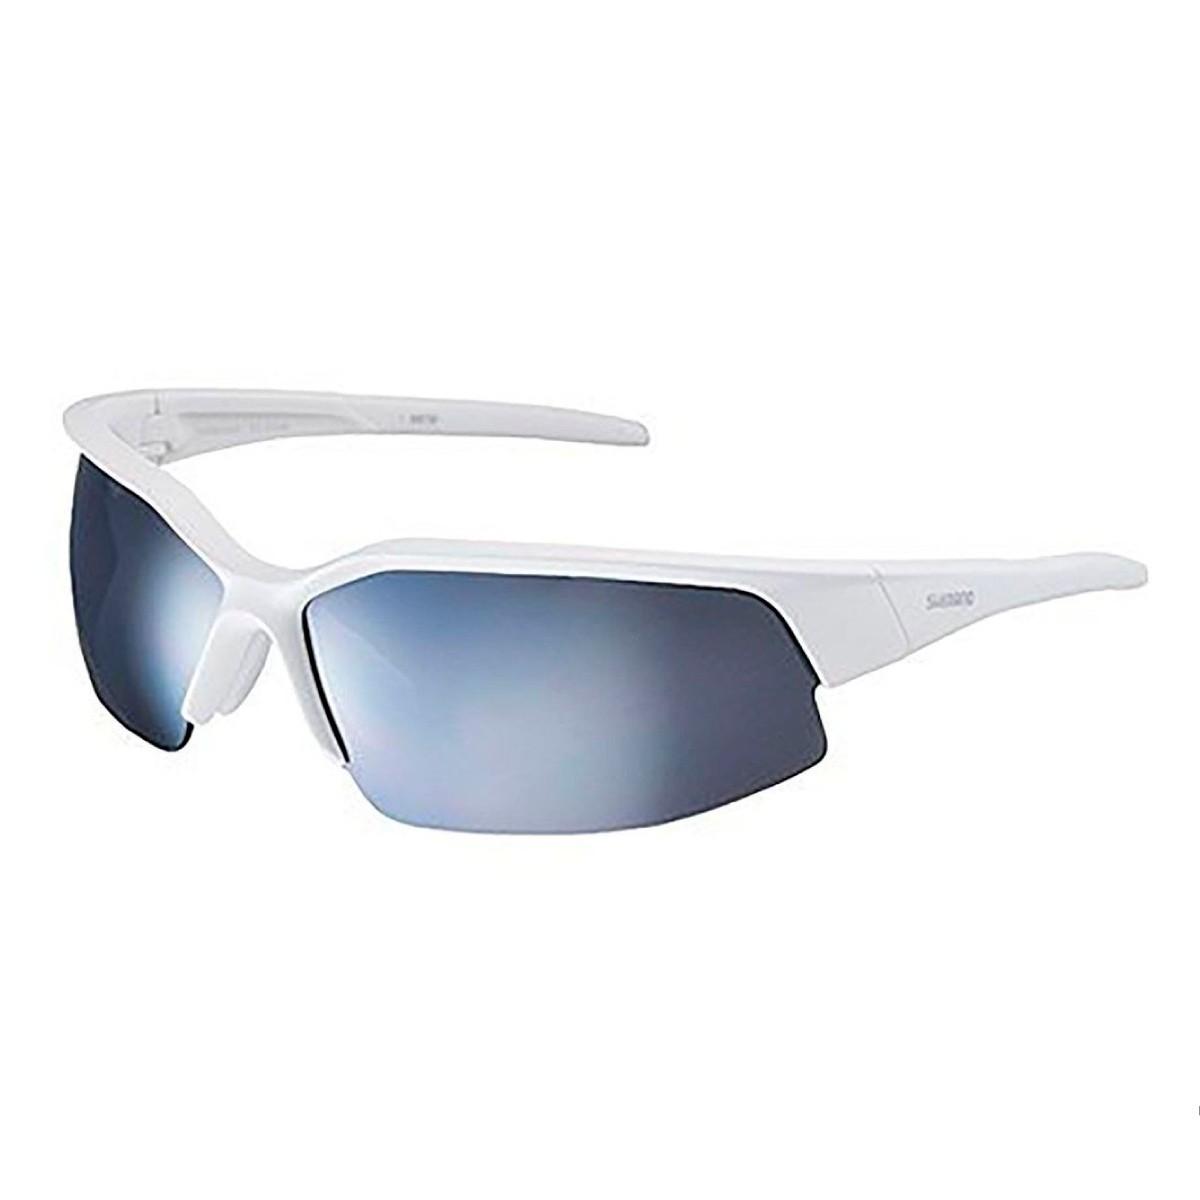 Oculos Shimano Branco Lente Cinza